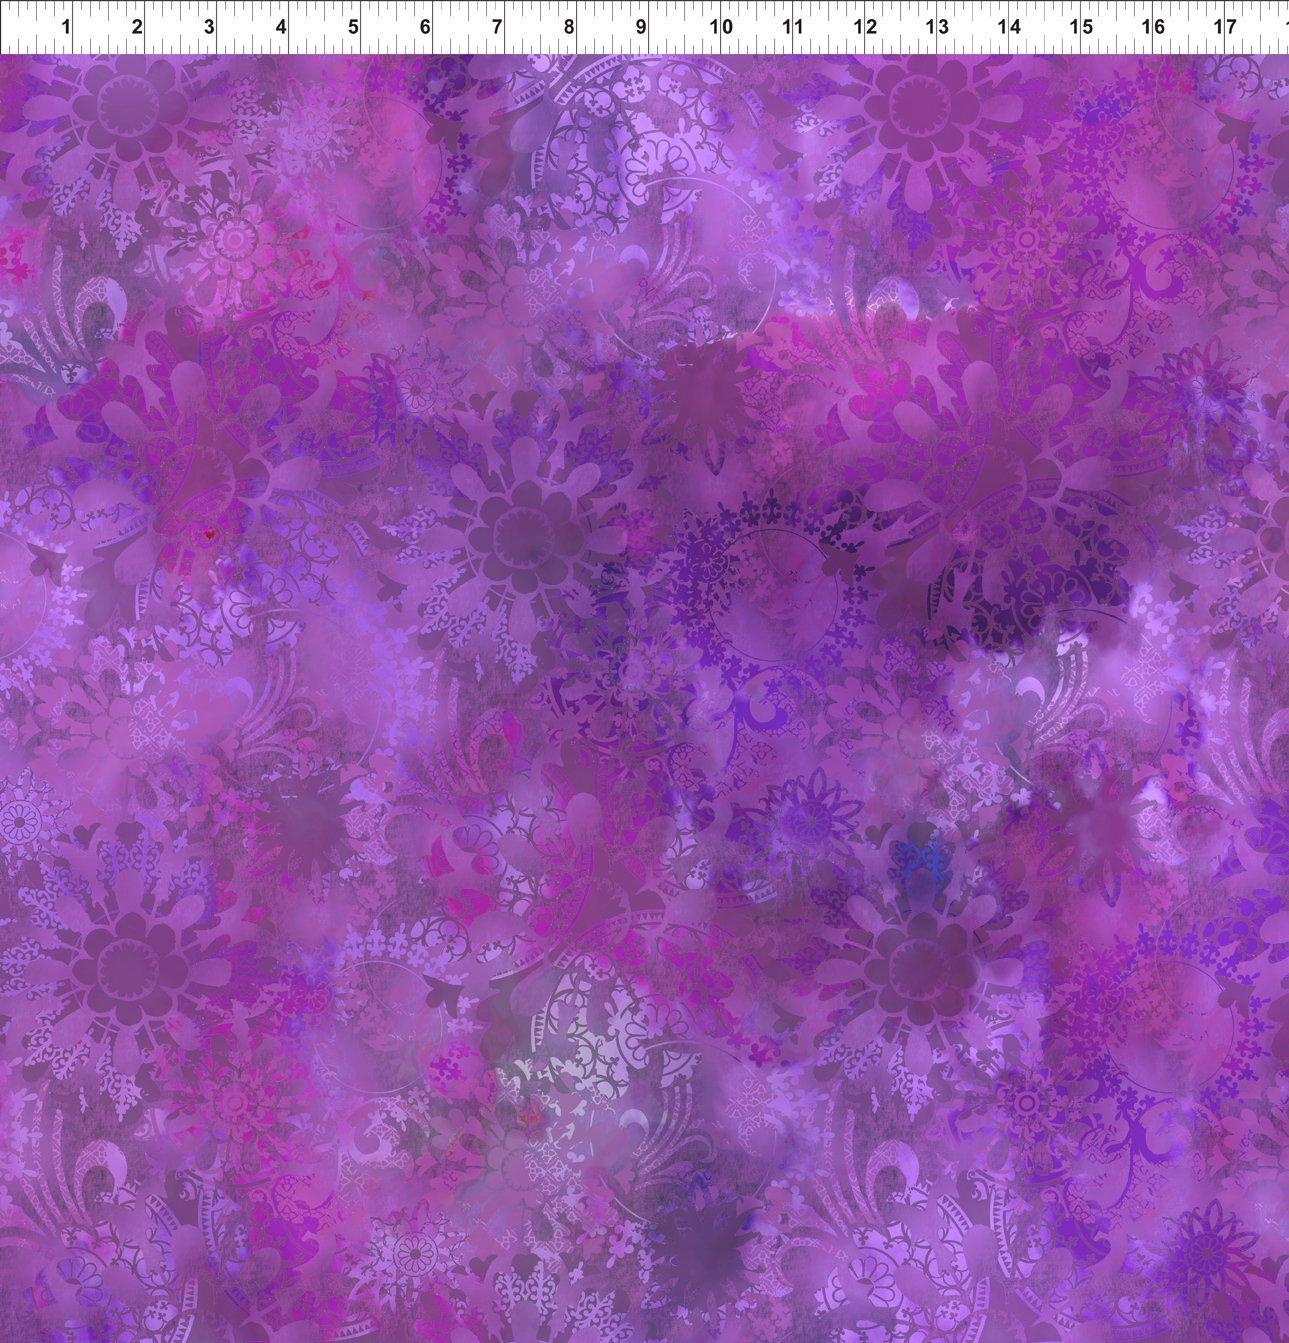 4ENC-2 Amethyst Mystic Lace Diaphanous